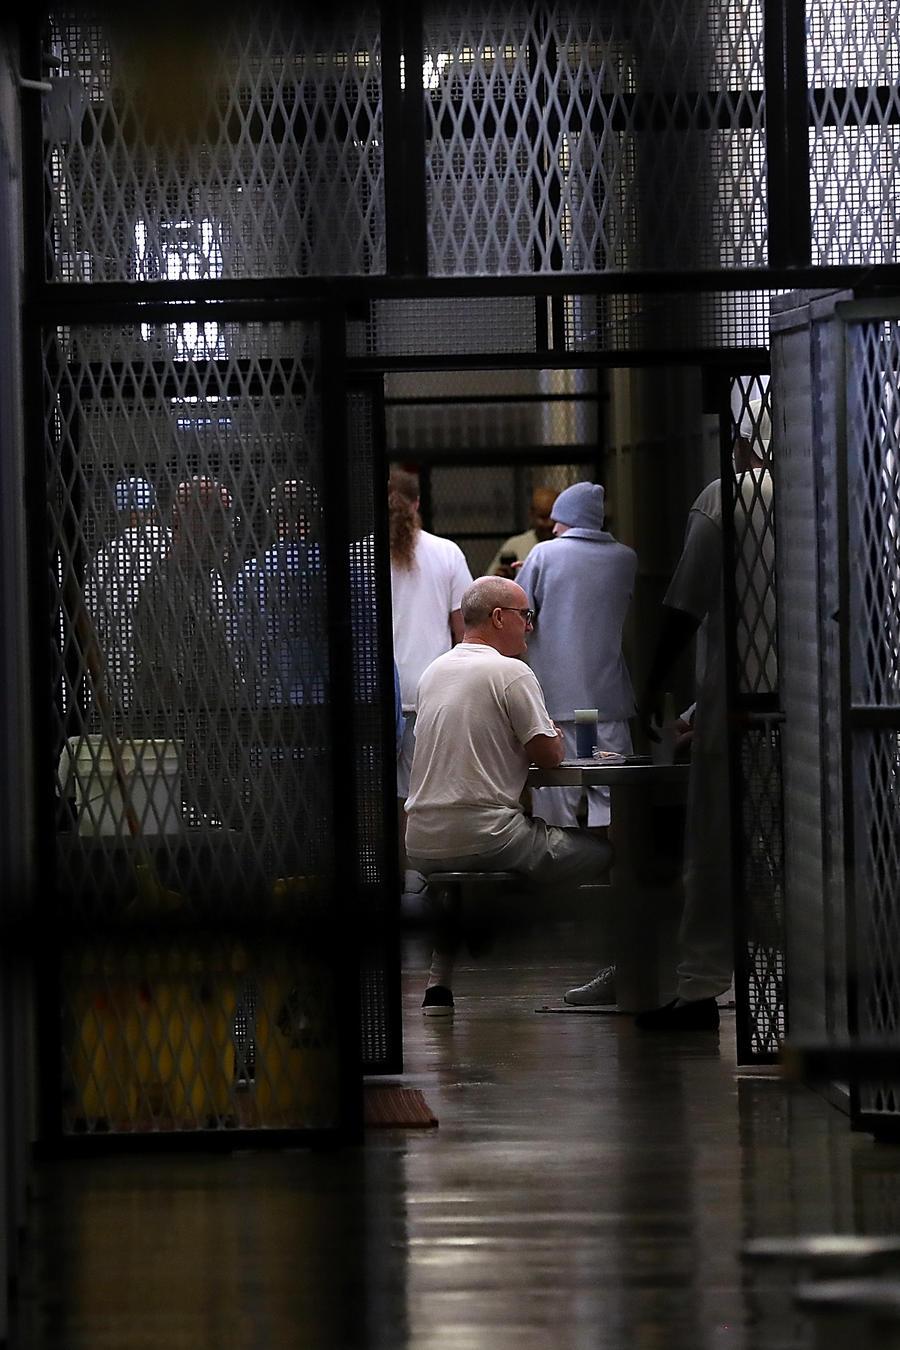 Presos en una cárcel estatal de California (imagen de archivo).